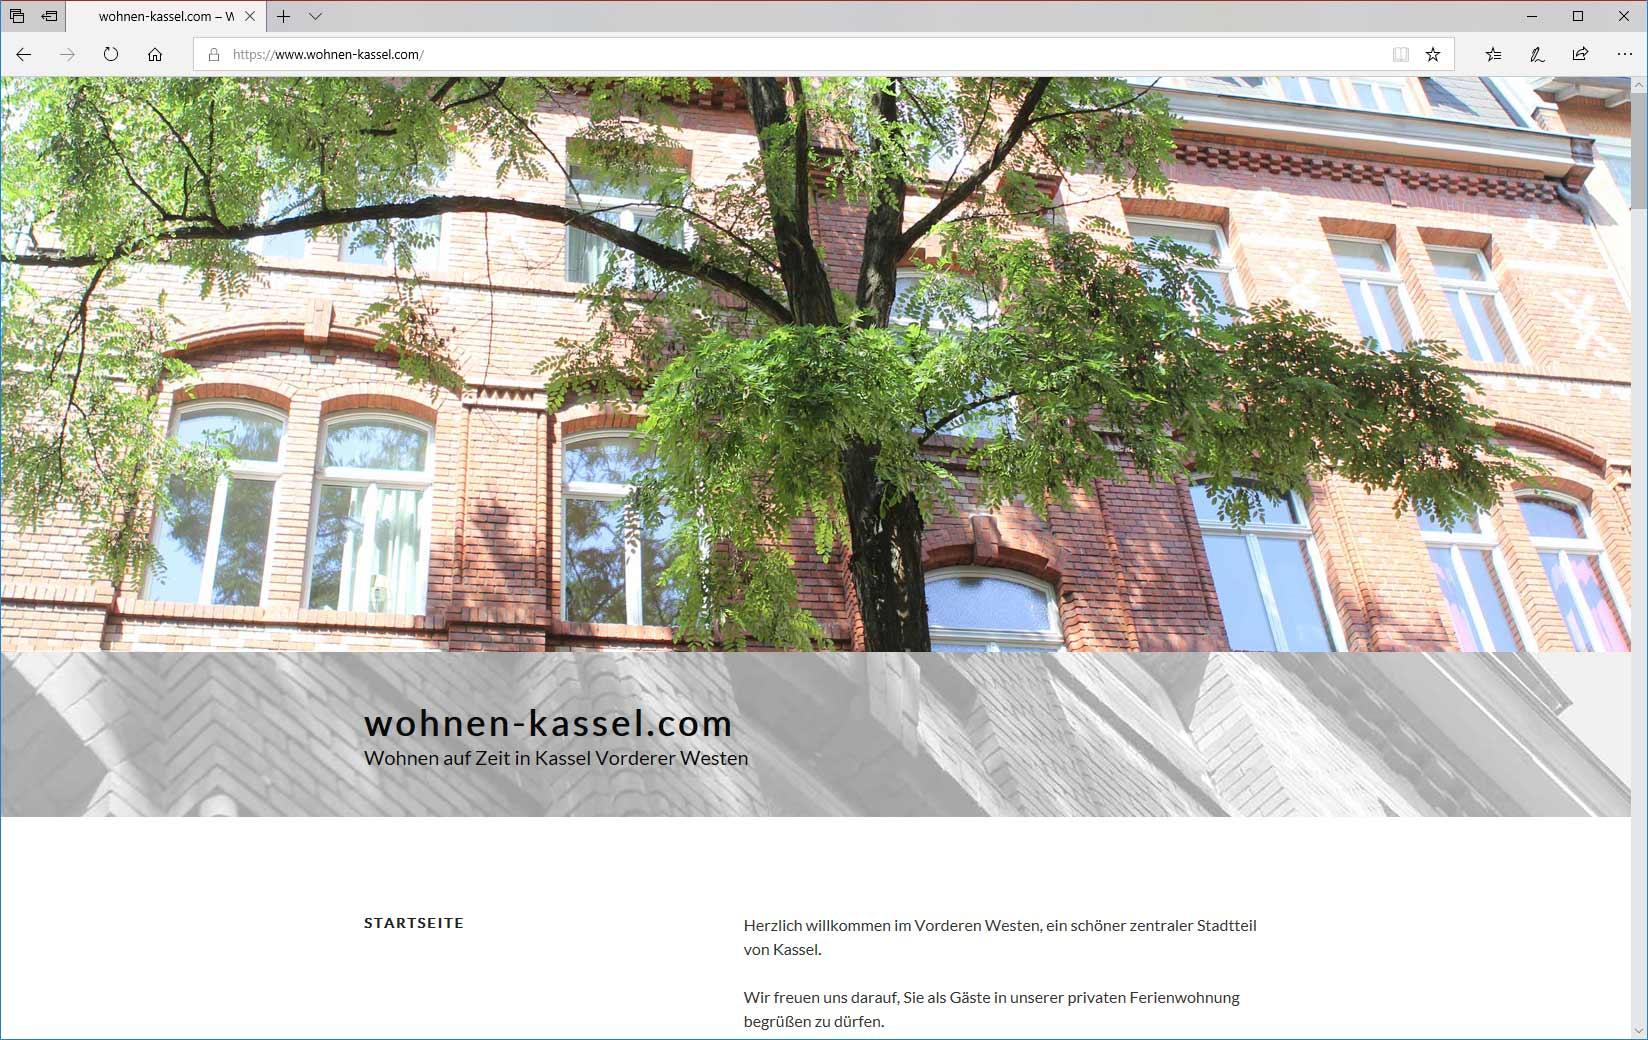 Wohnen auf Zeit in Kassel Vorderer Westen Susanne Welscher